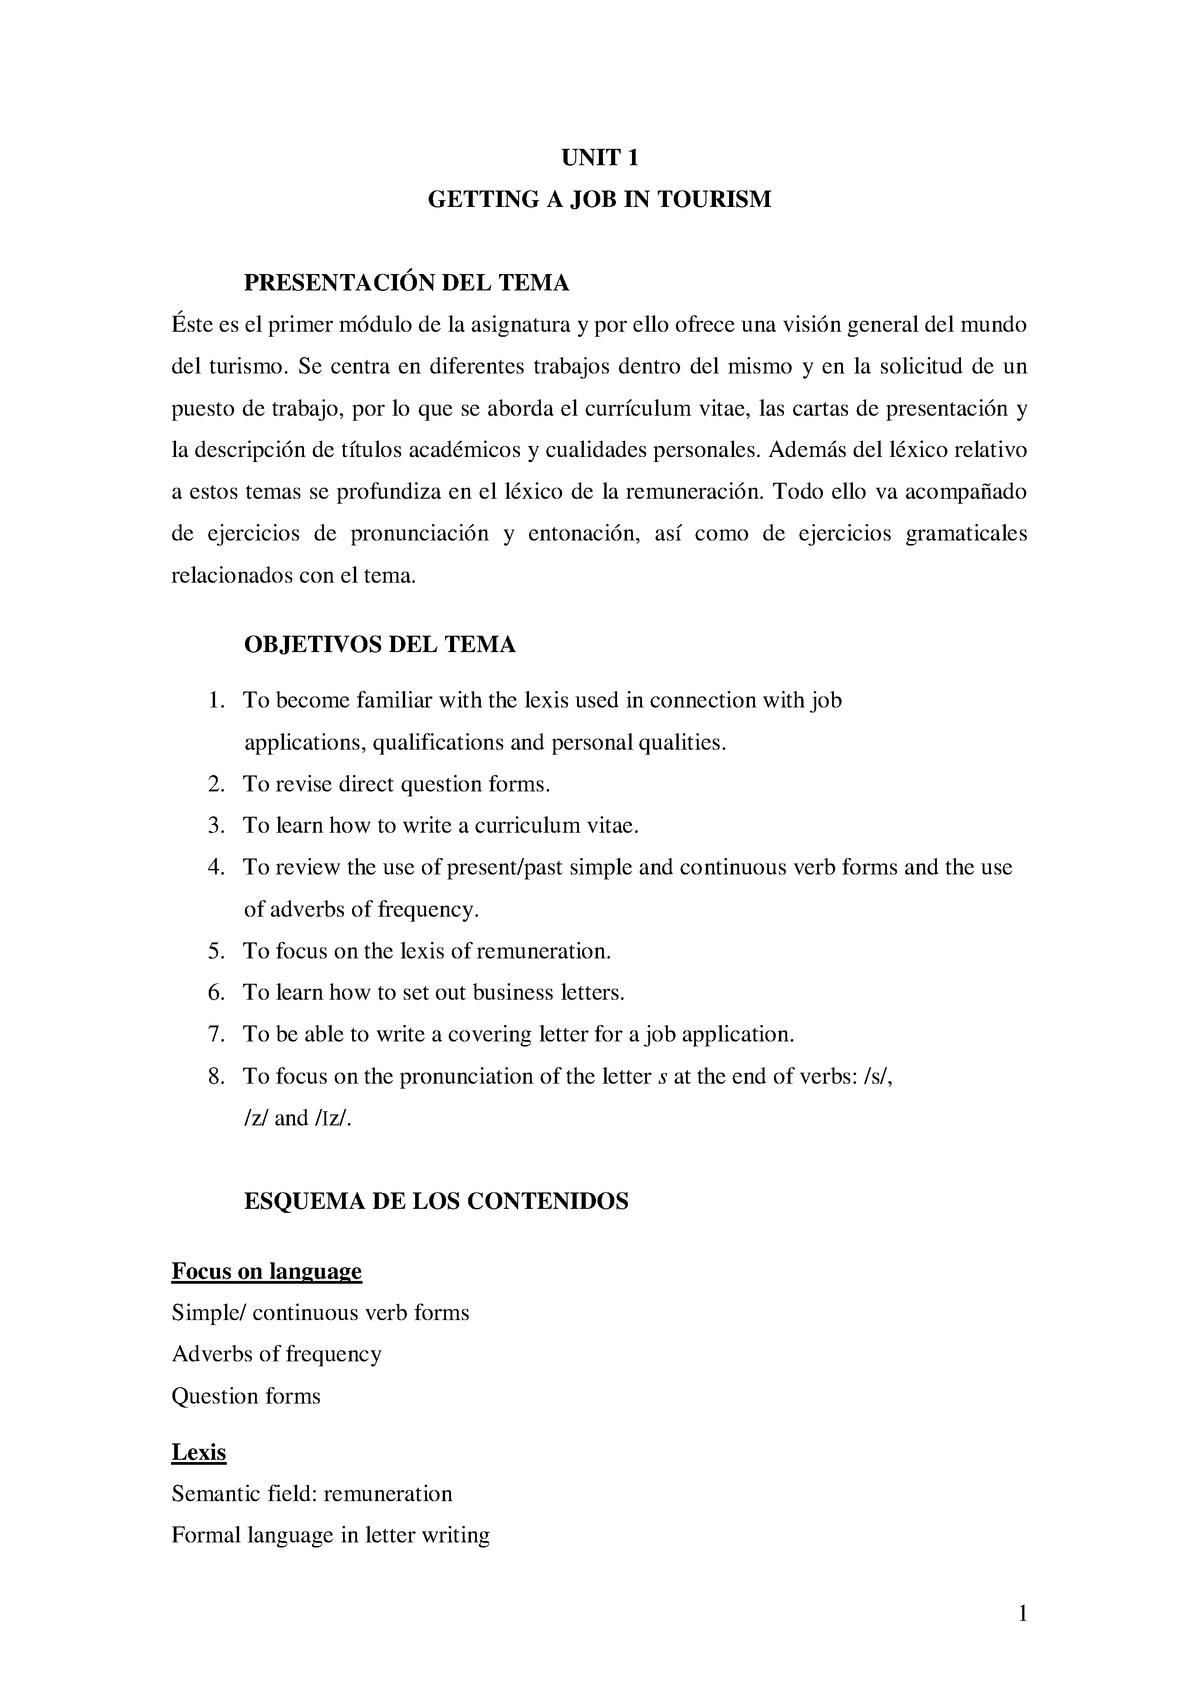 UNIT 1no solutions actualizada - 41300: inglés turístico i - StuDocu